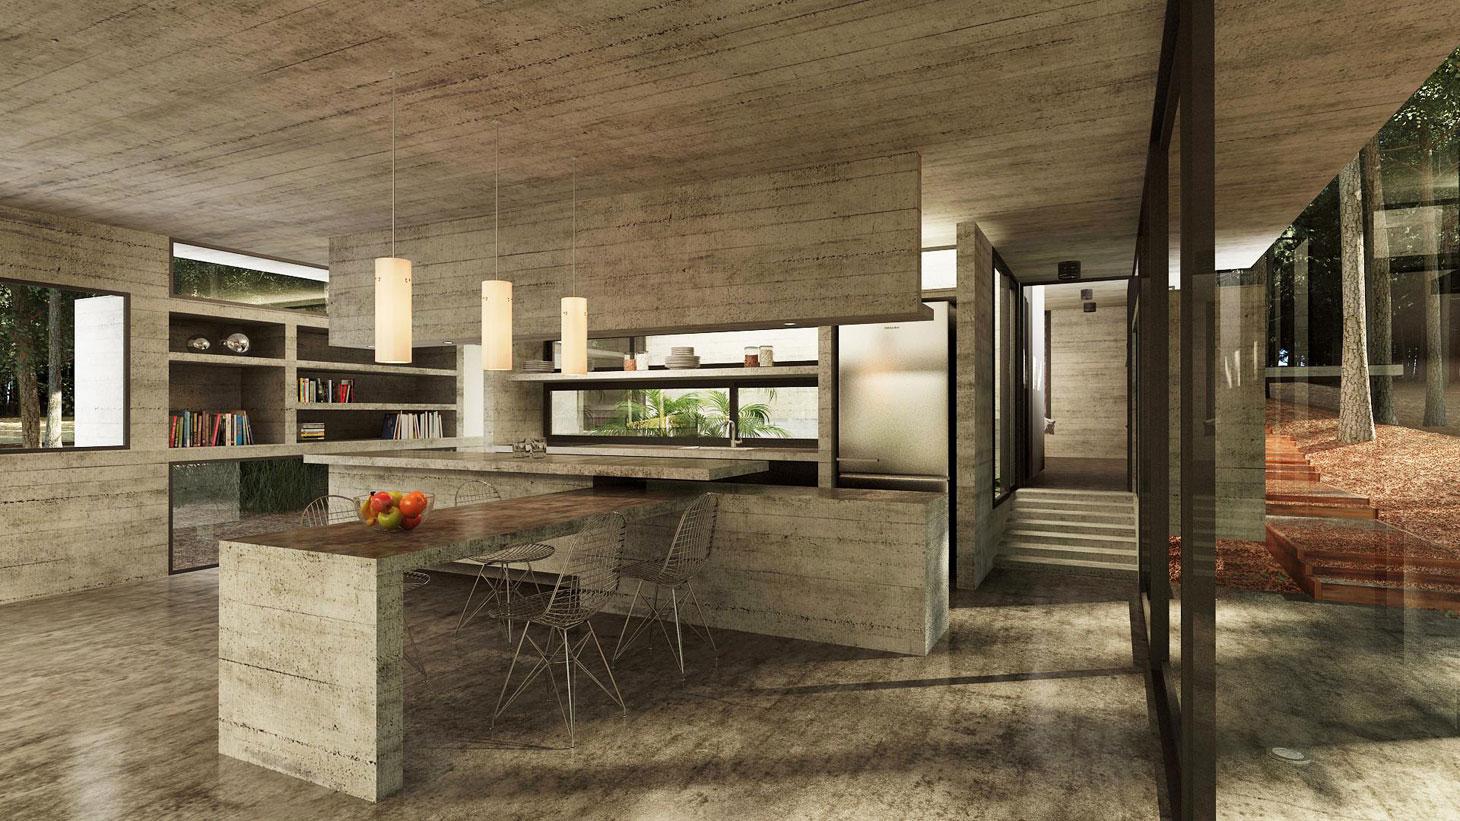 Concrete Forrest House in Costa Esmeralda by Besonias Almeida Arquitectos11